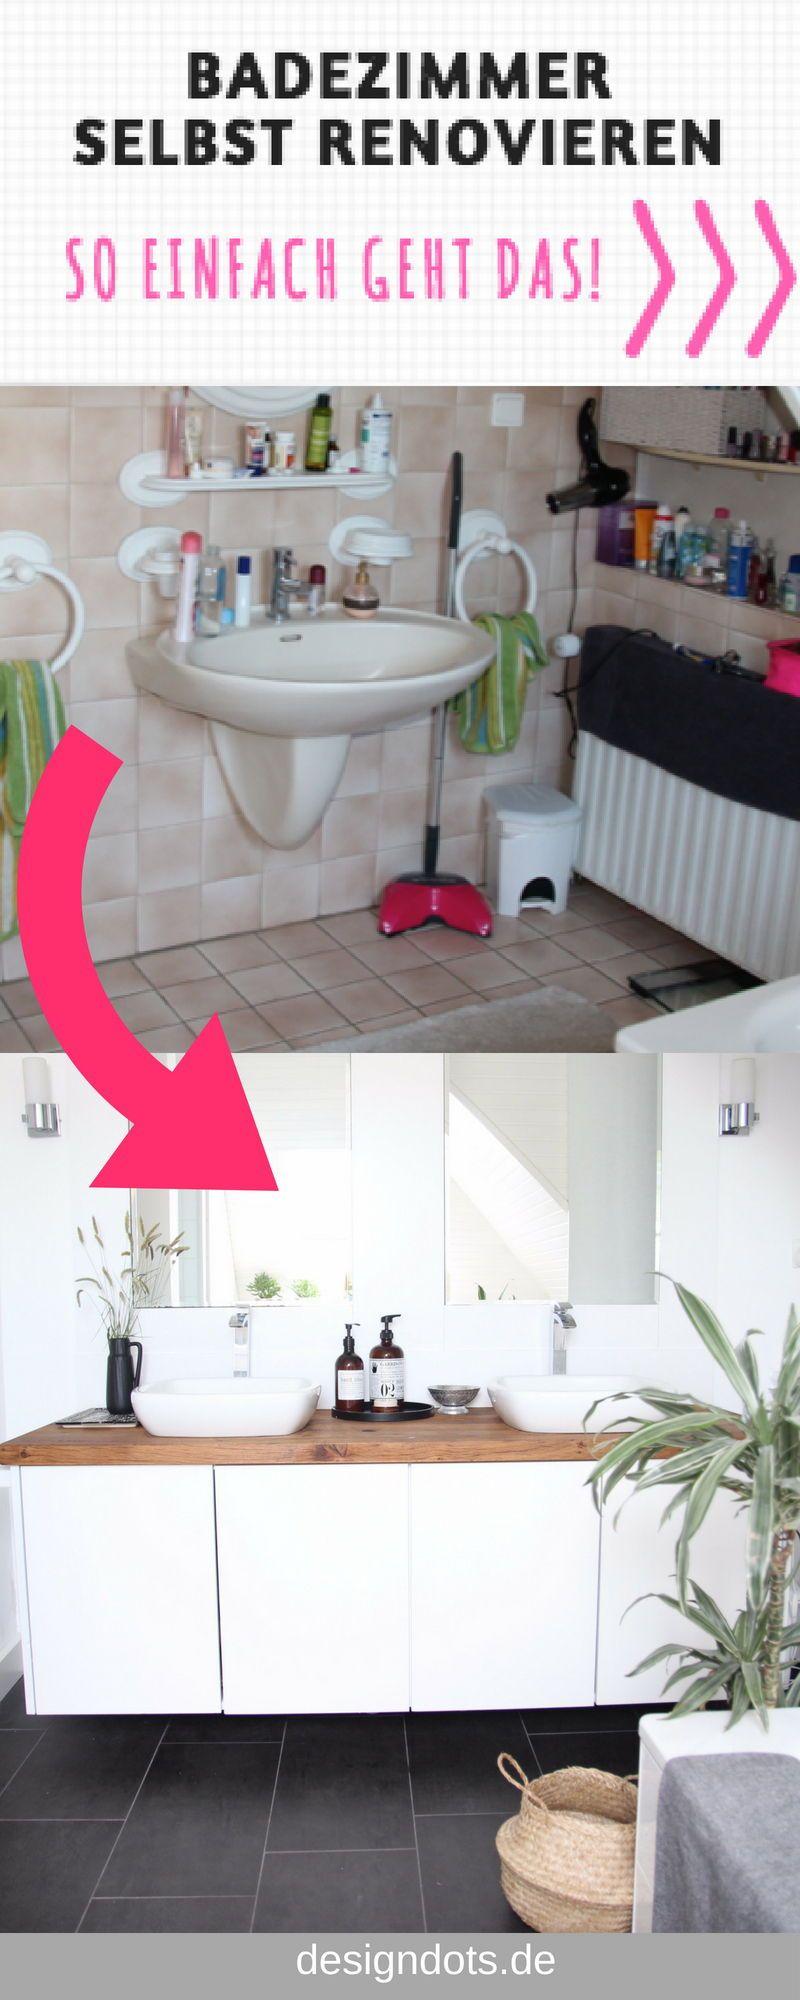 Badezimmer selbst renovieren | Interior Design Love ...